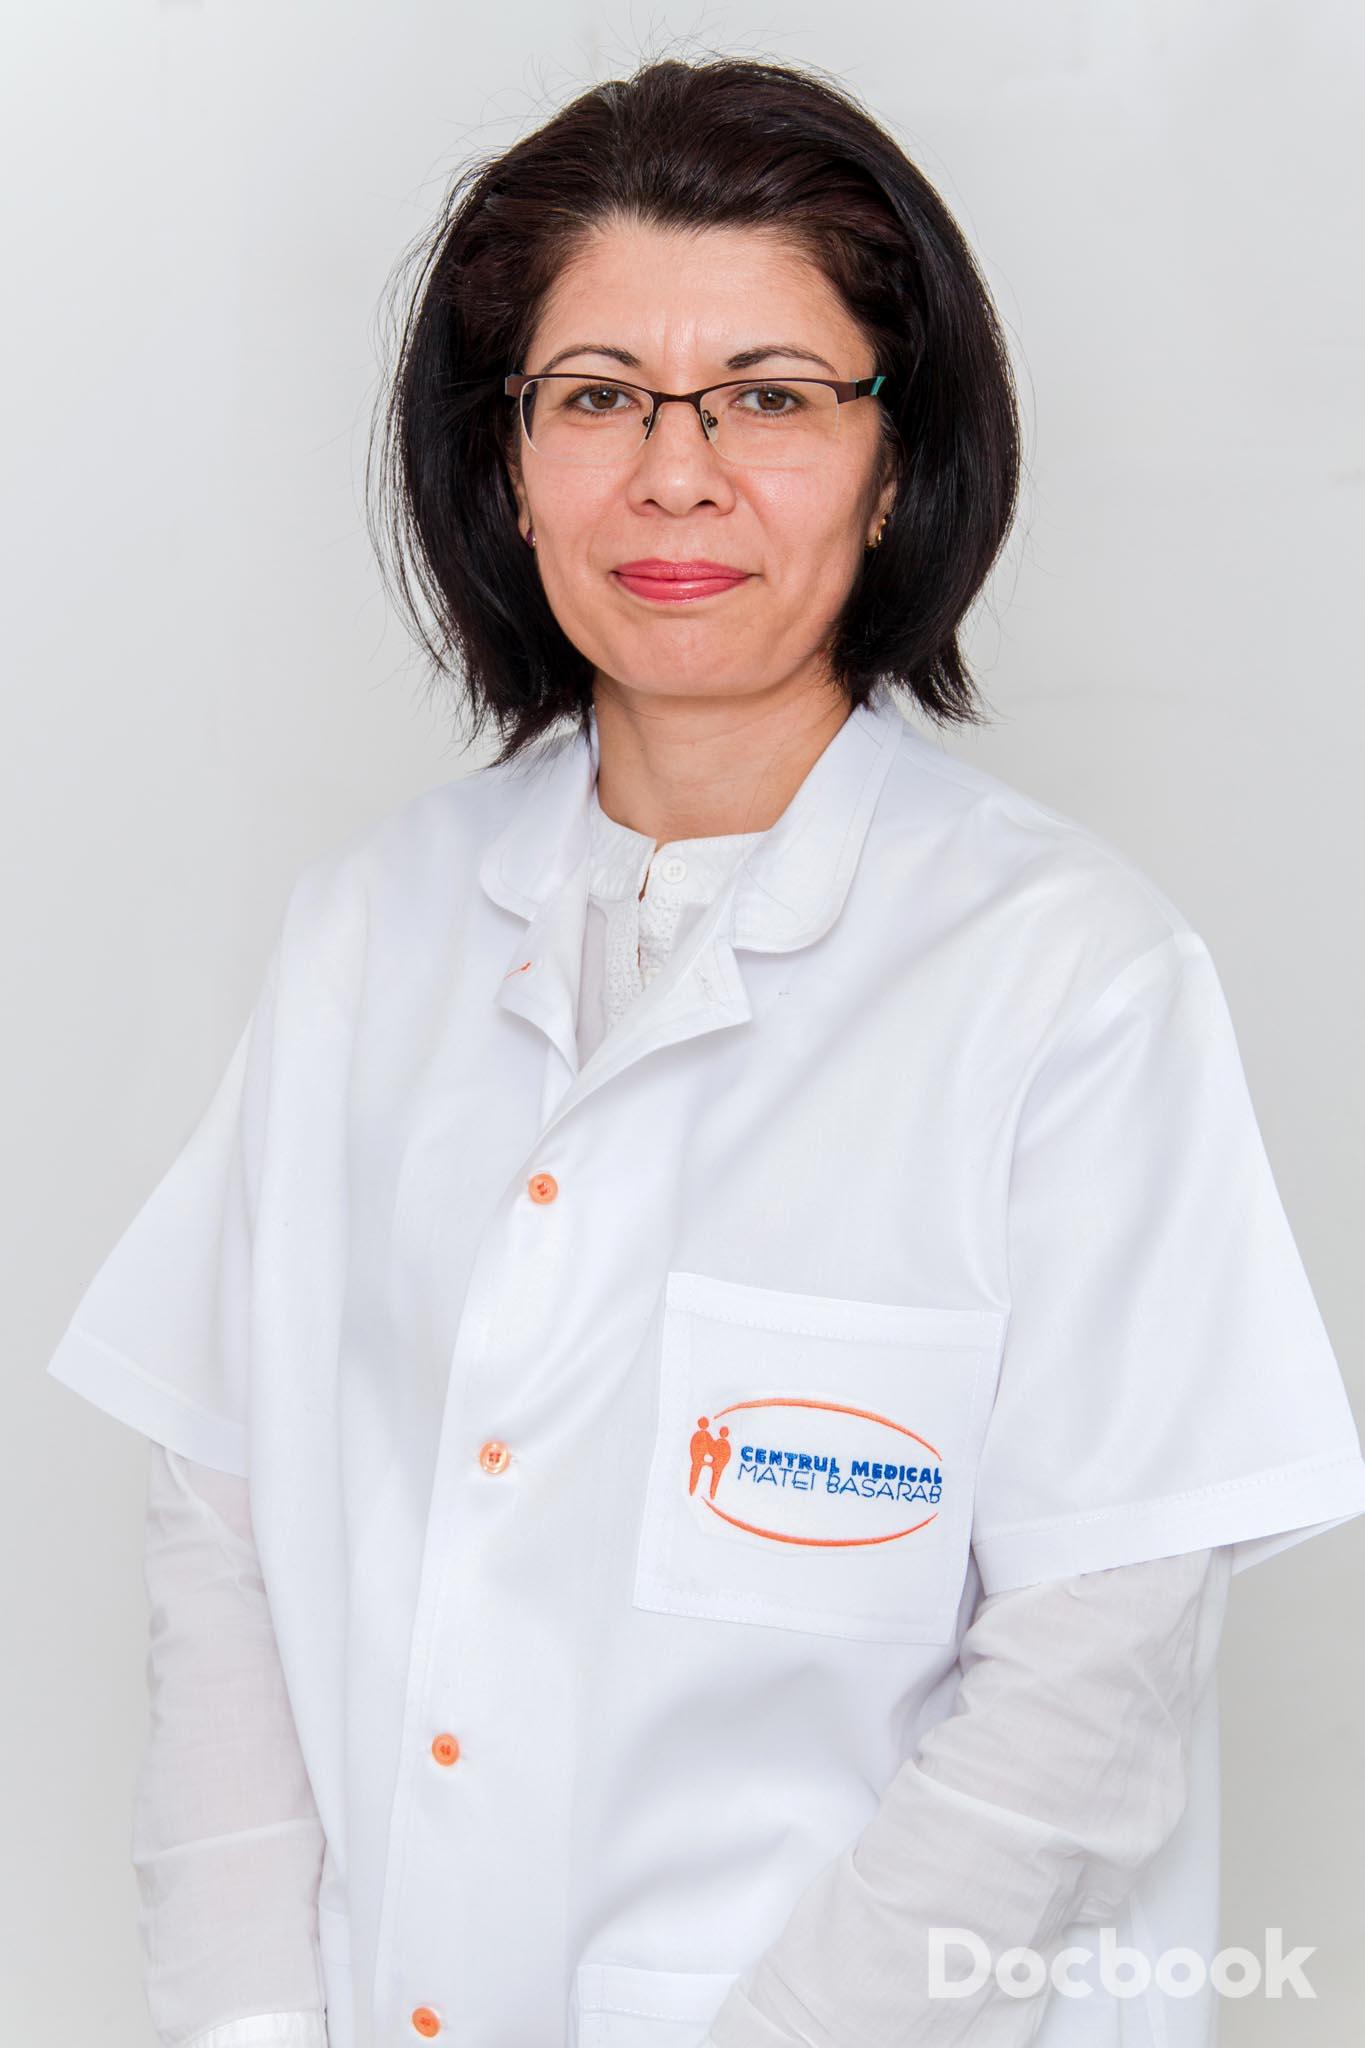 Dr. Bianca Valeria Postoroanca